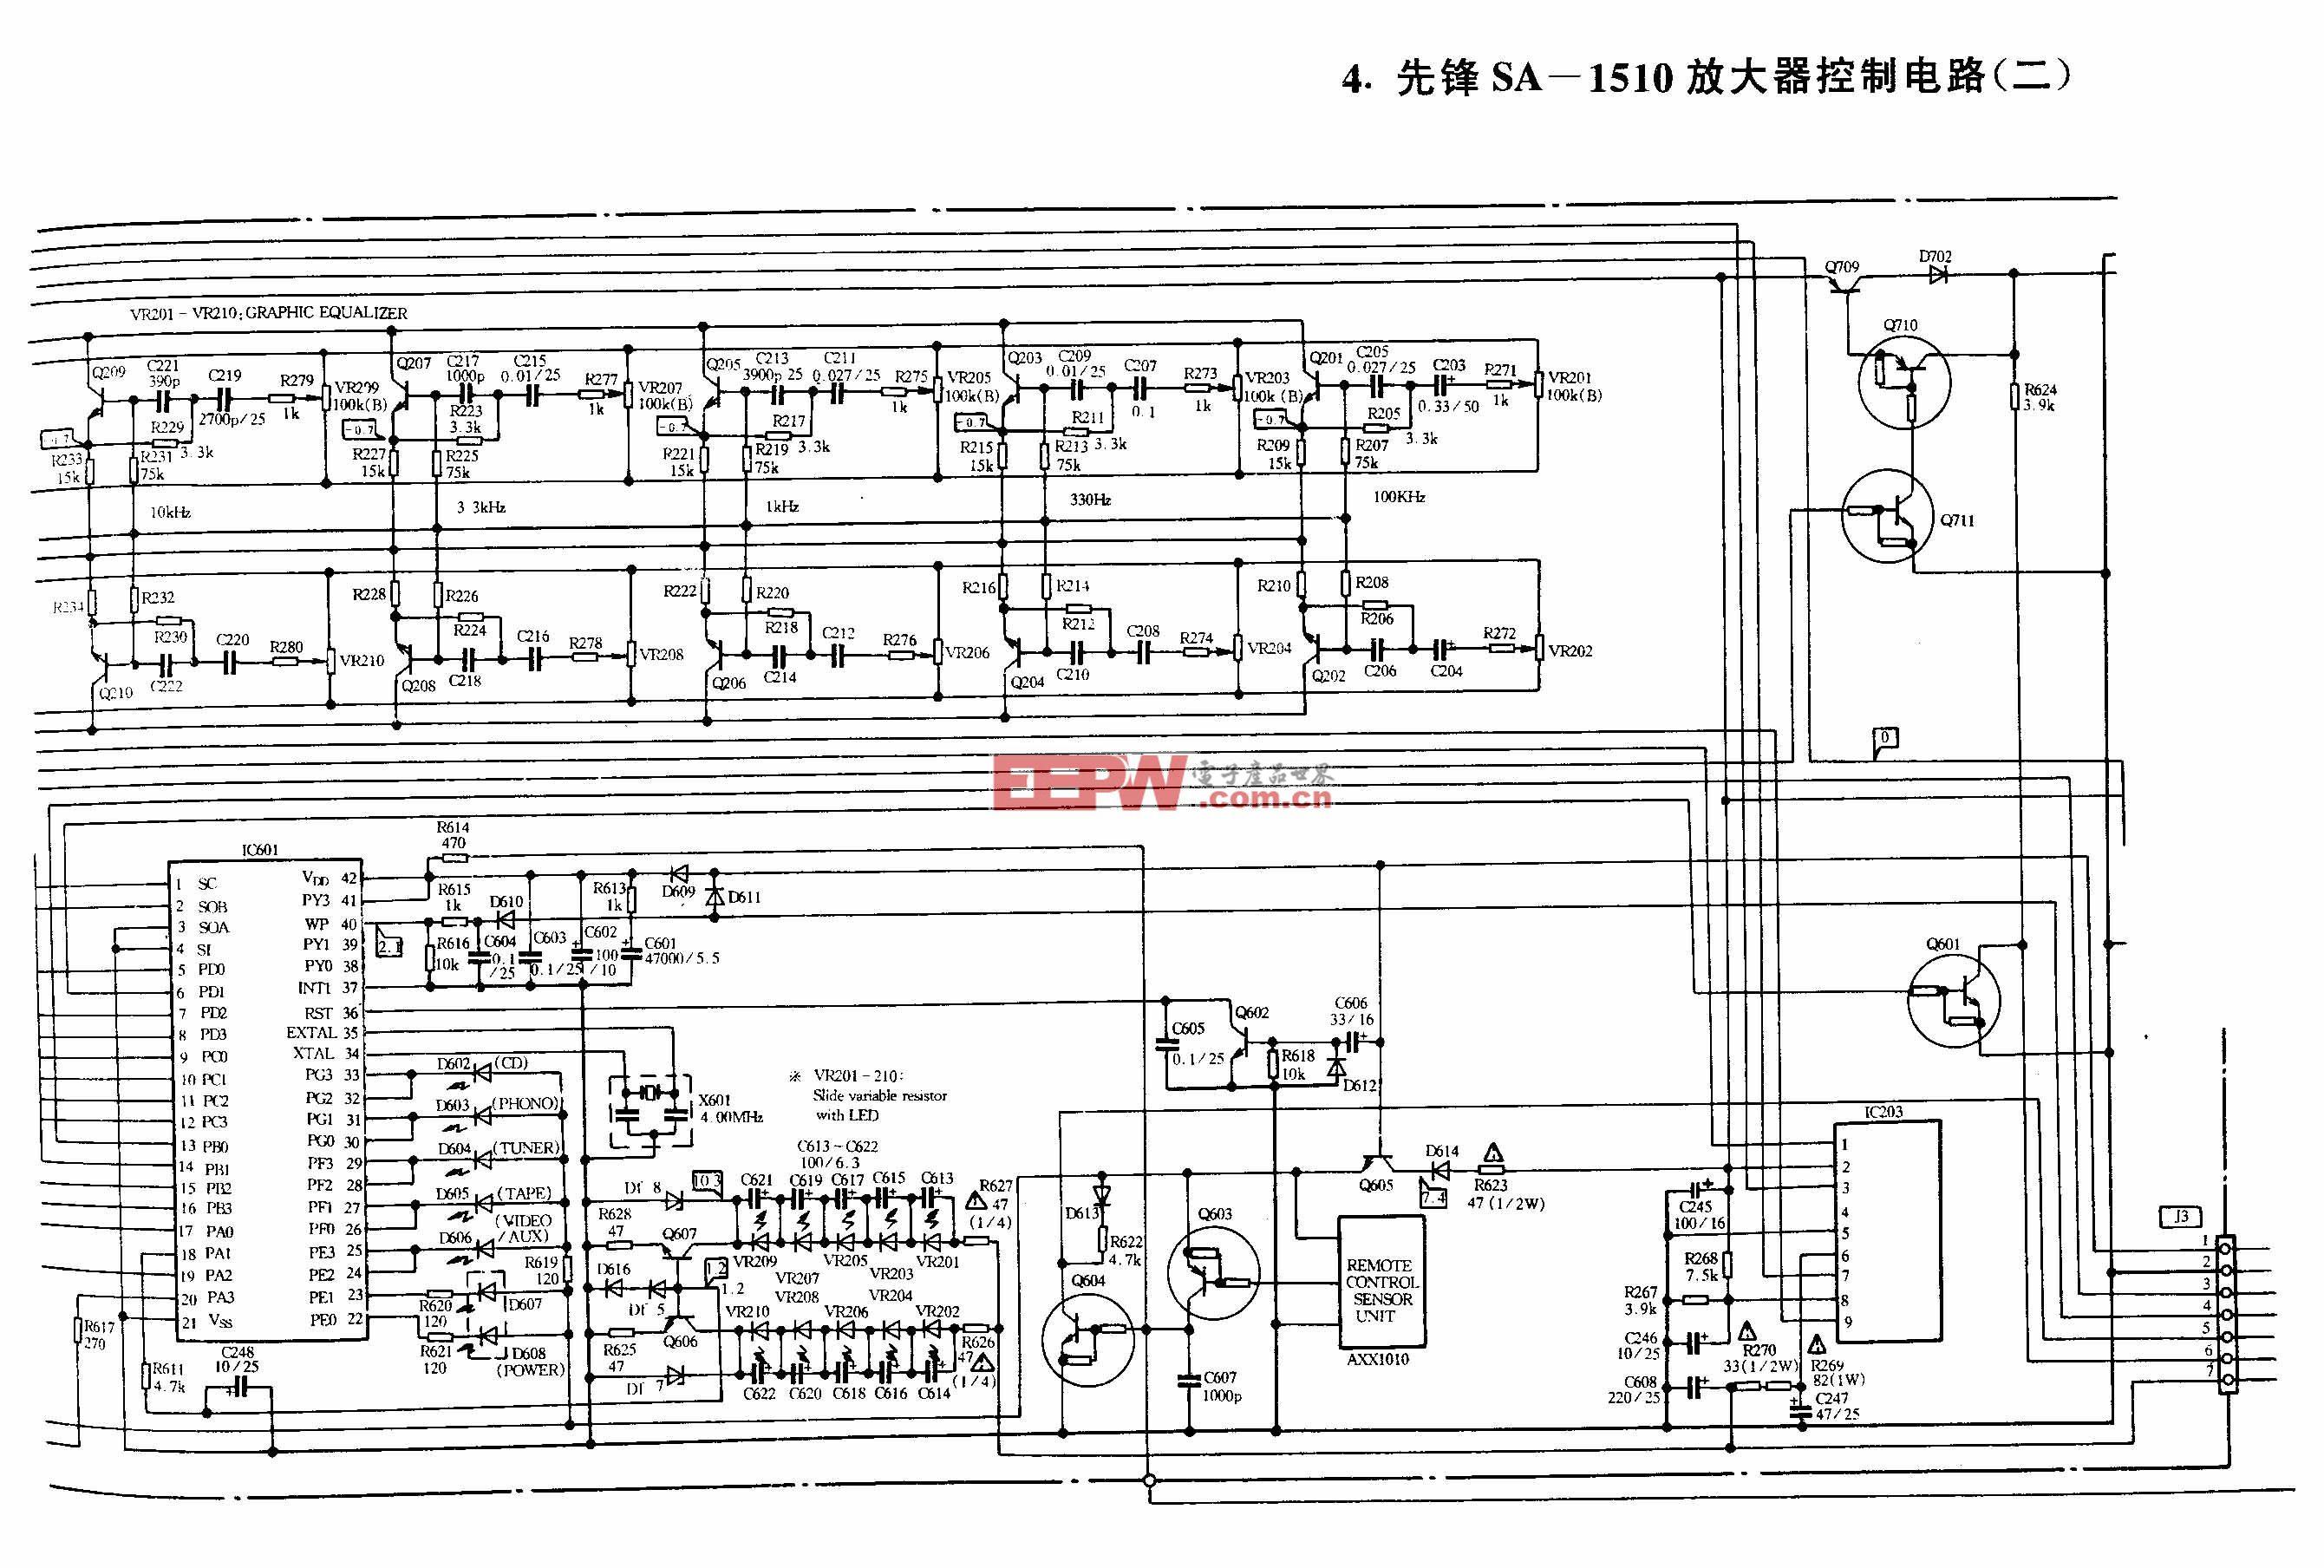 先锋SA-1510放大器控制电路(二)